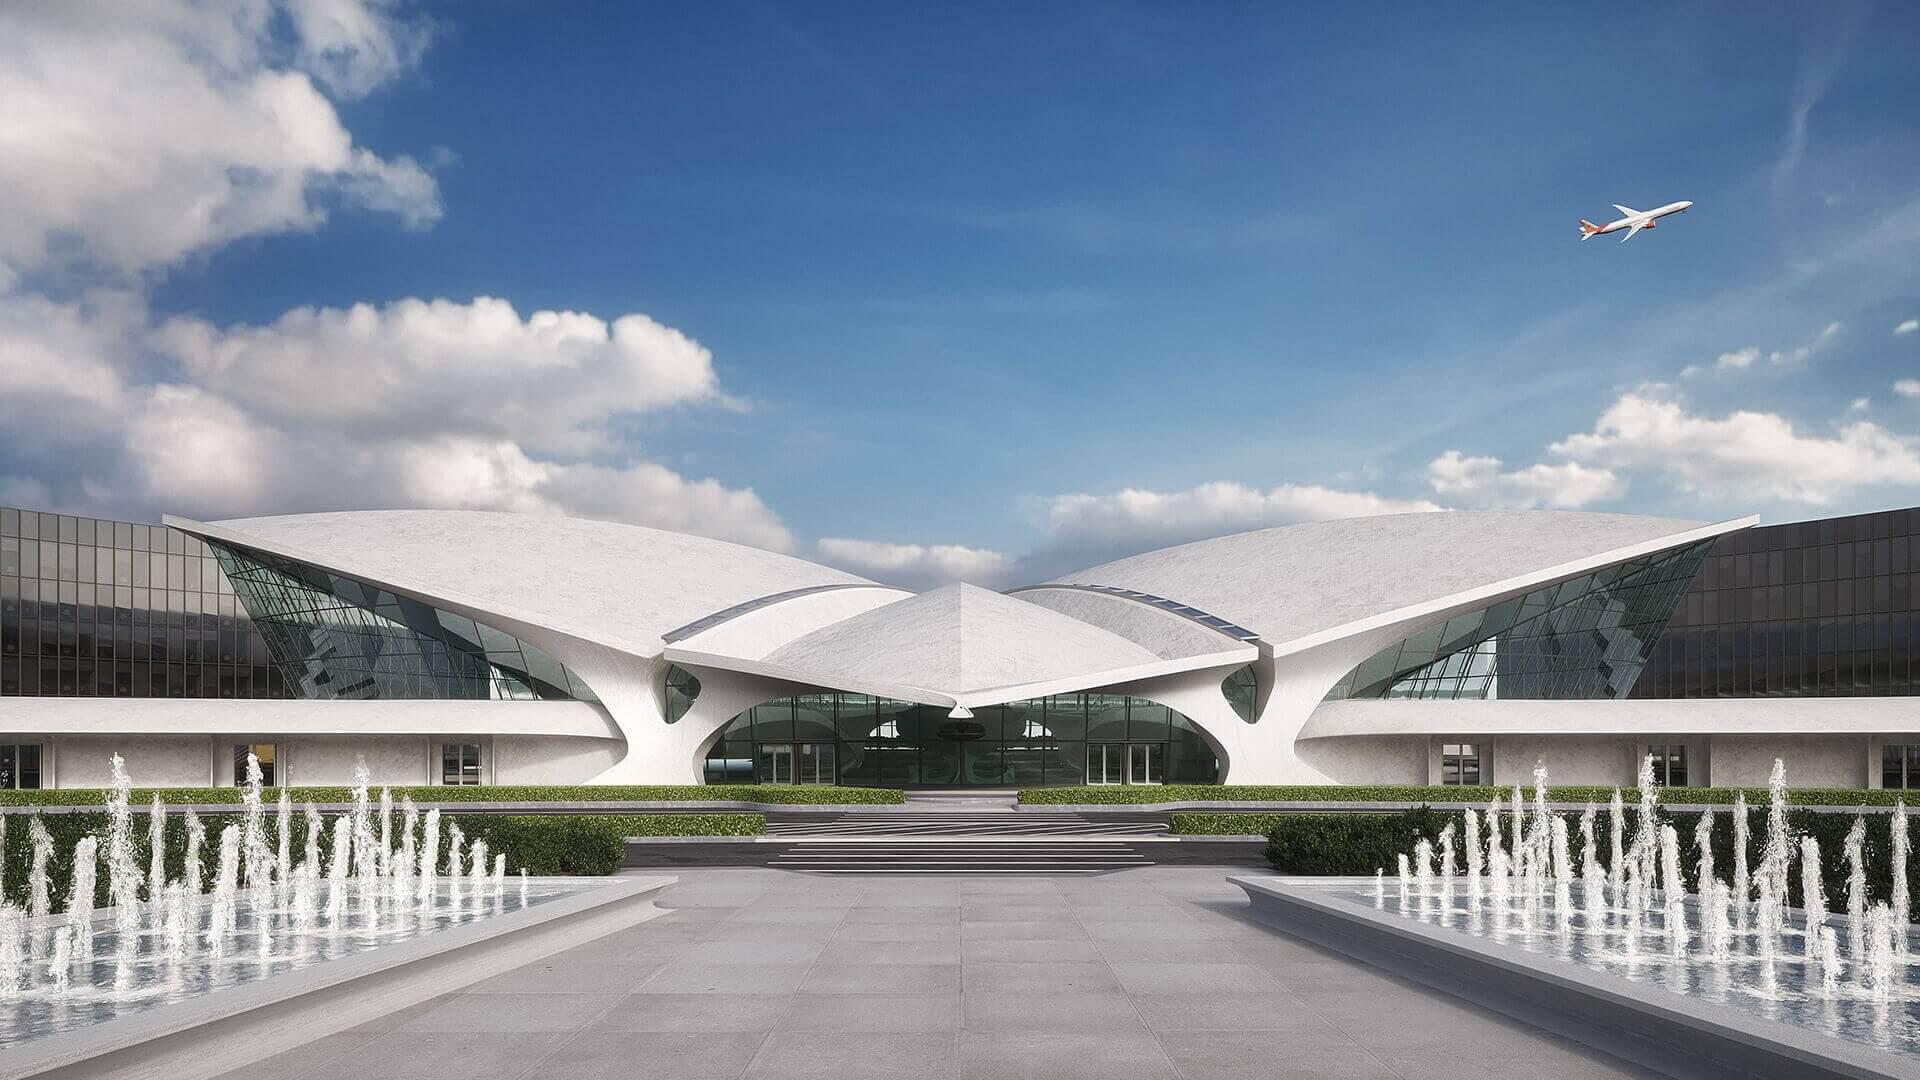 فرودگاه T.W.A از شاهکارهای معماری مدرن متاخر